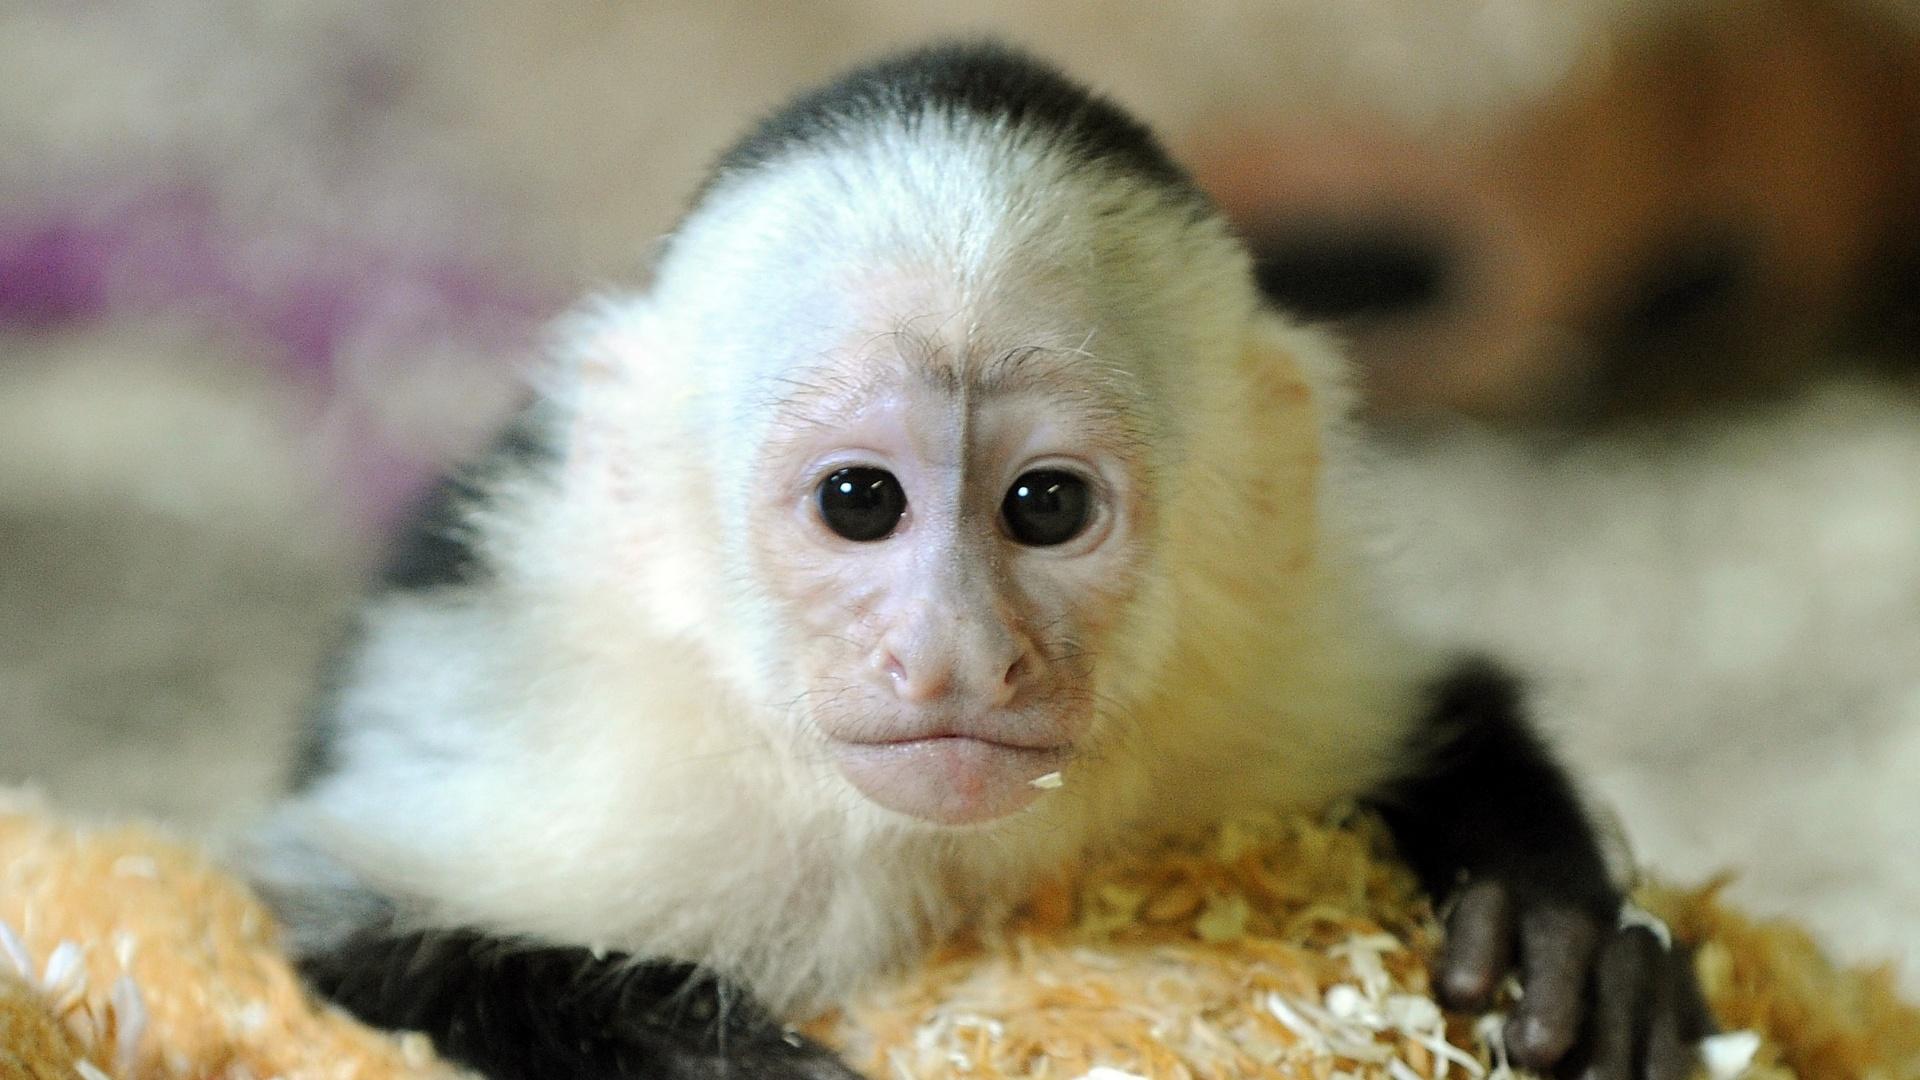 31.mai.2013 - Mally, o macaco-prego que pertencia ao cantor Justin Bieber, foi levado para um parque alemão. Ele foi confiscado no aeroporto de Munique uma vez que o cantor não possuía documentação necessária para viajar com o animal